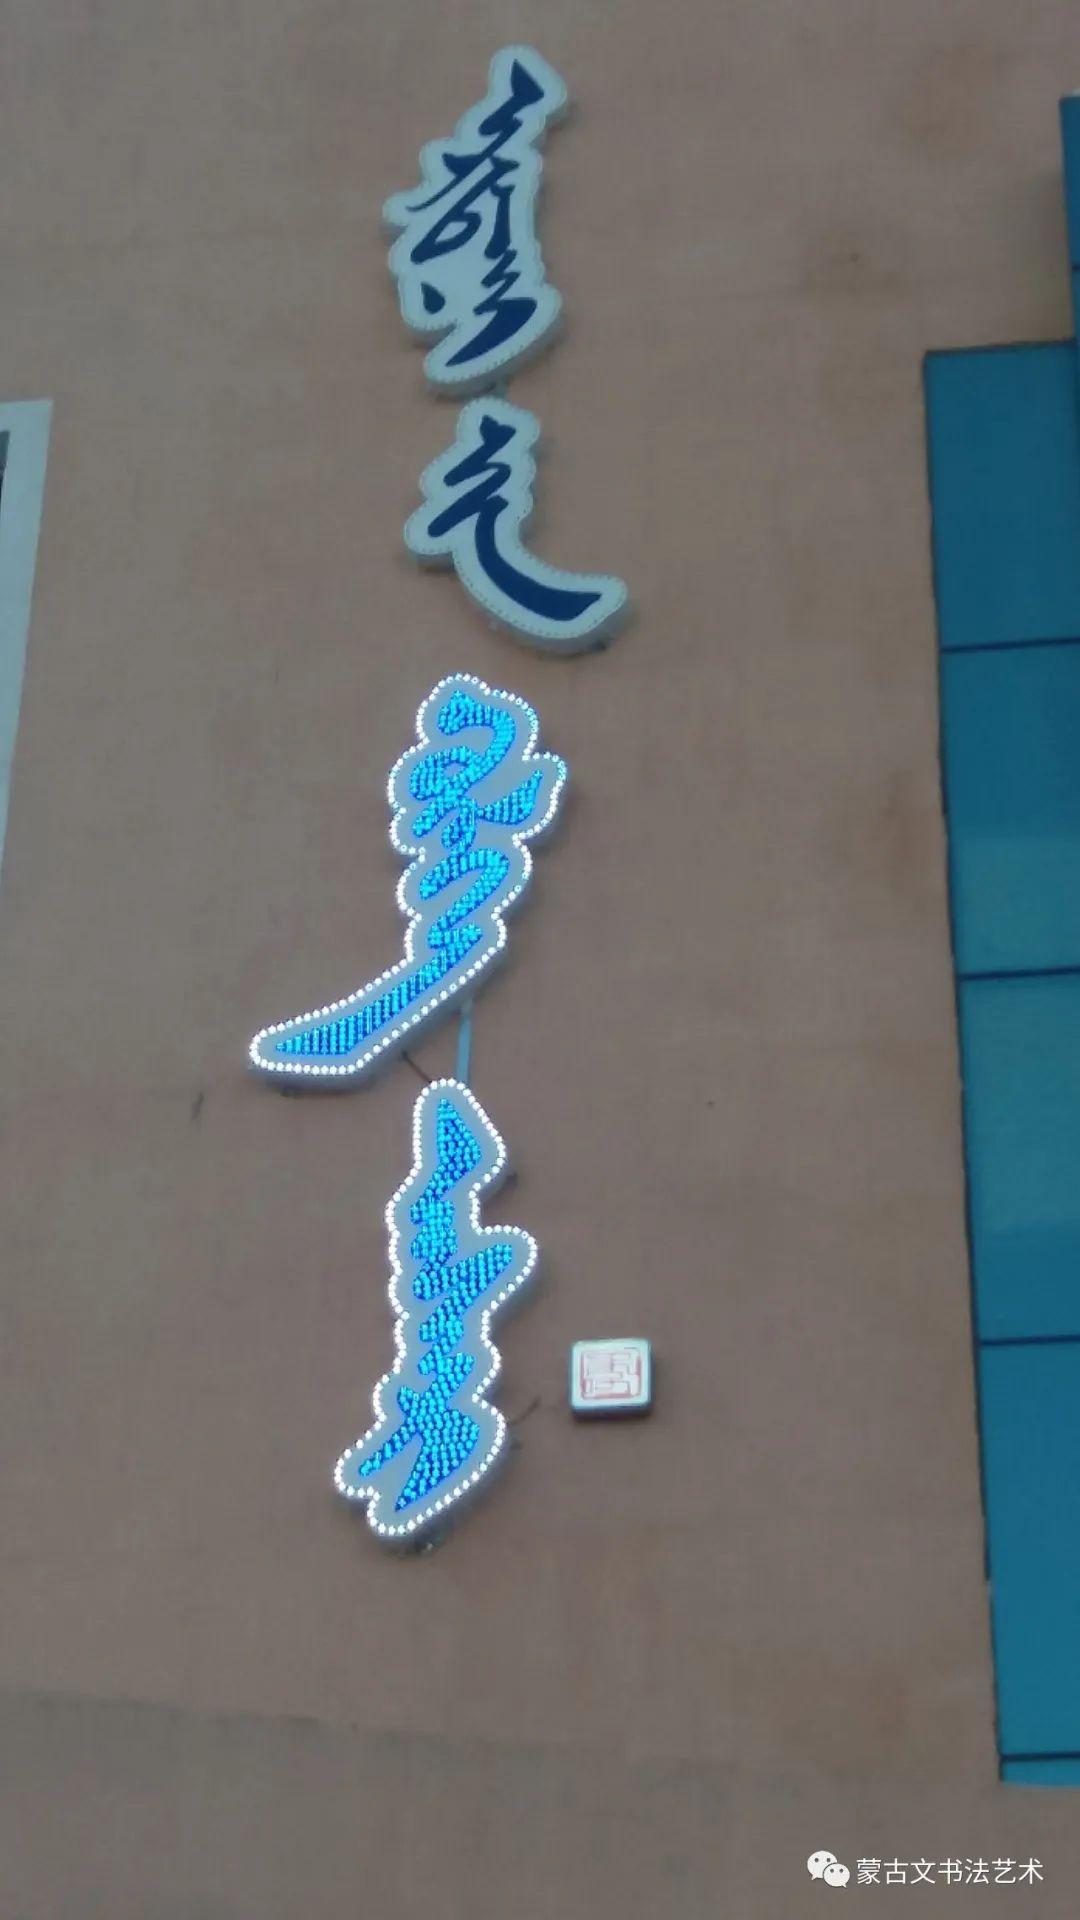 蒙古文书法社会应用展示-毕力格图 第10张 蒙古文书法社会应用展示-毕力格图 蒙古书法